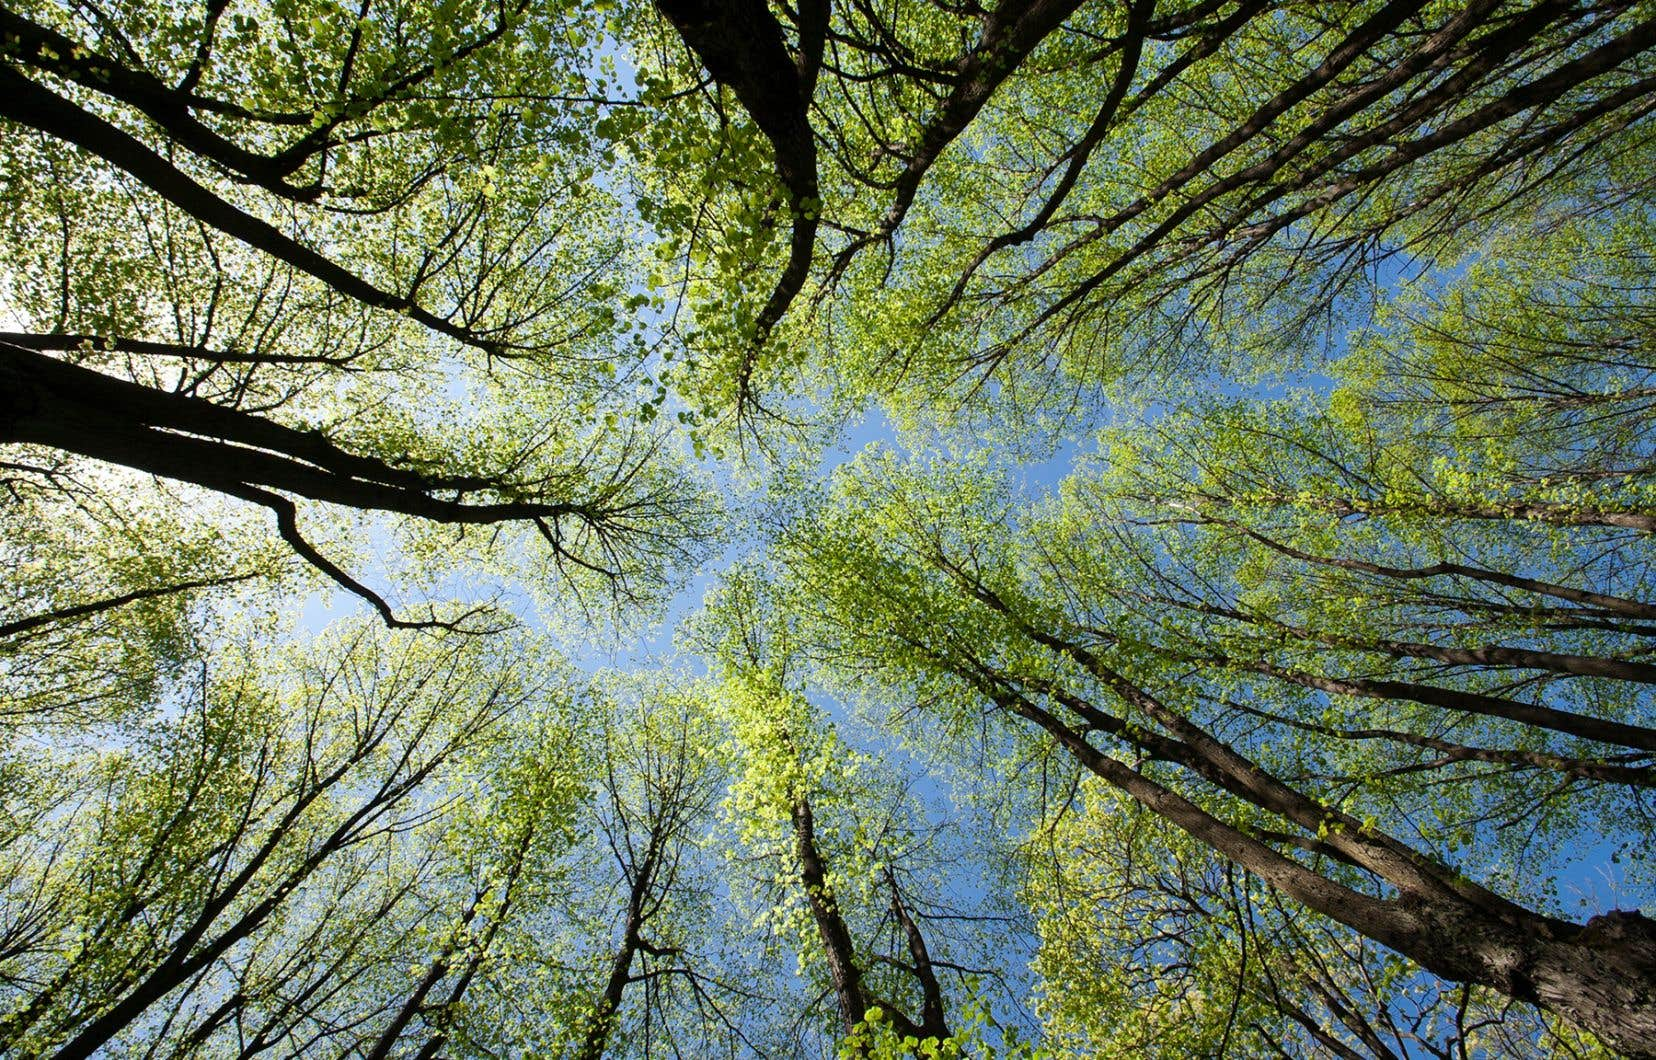 Avec son exposition  En compagnie des arbres,  le Jardin botanique invite  les promeneurs à se questionner sur la place des arbres dans la nature.